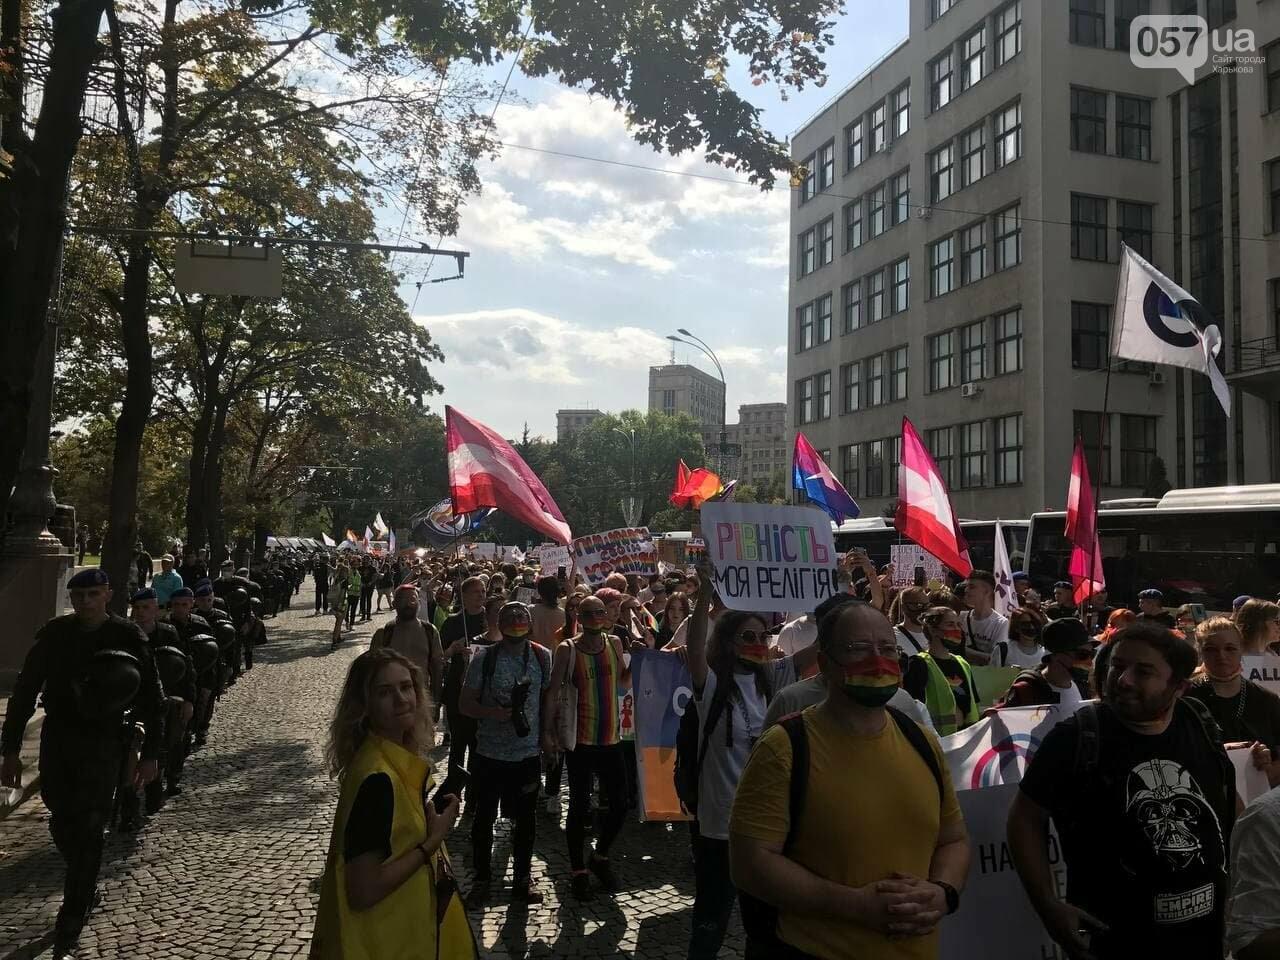 «Нет важней любви». Как в центре Харькова прошел ЛГБТ-марш, - ФОТОРЕПОРТАЖ, фото-12